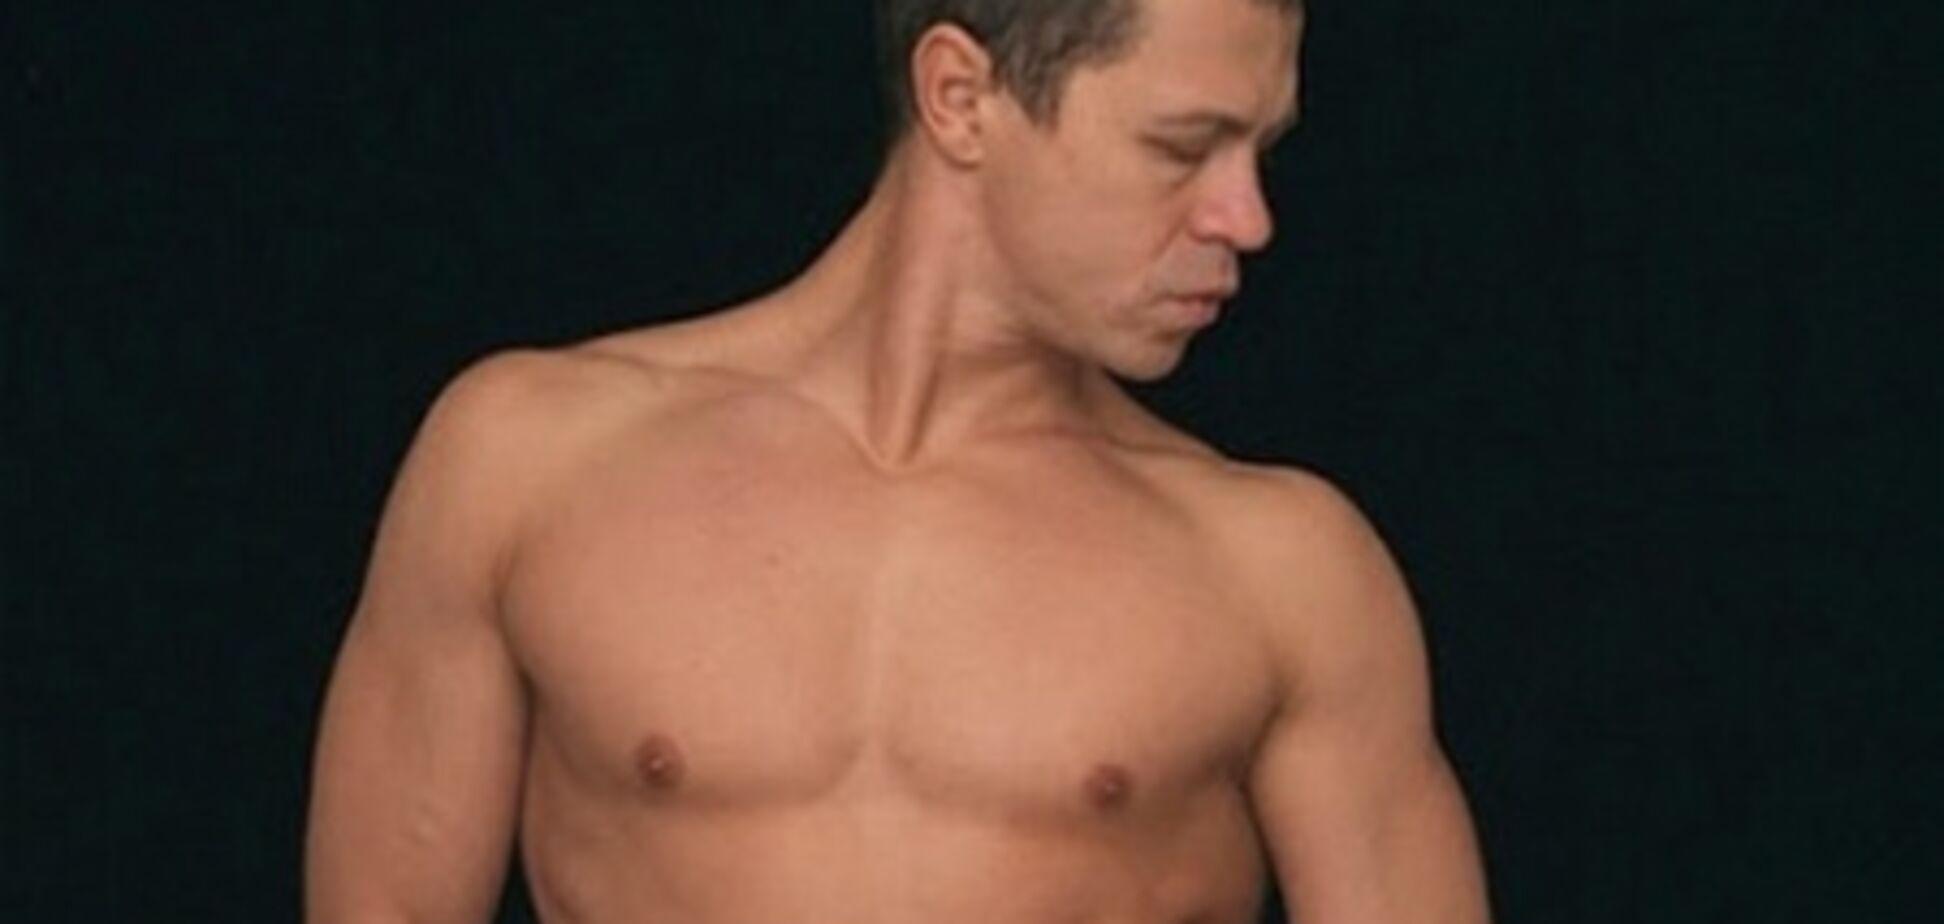 Актор Дерев'янко показав голу ж ... Фото